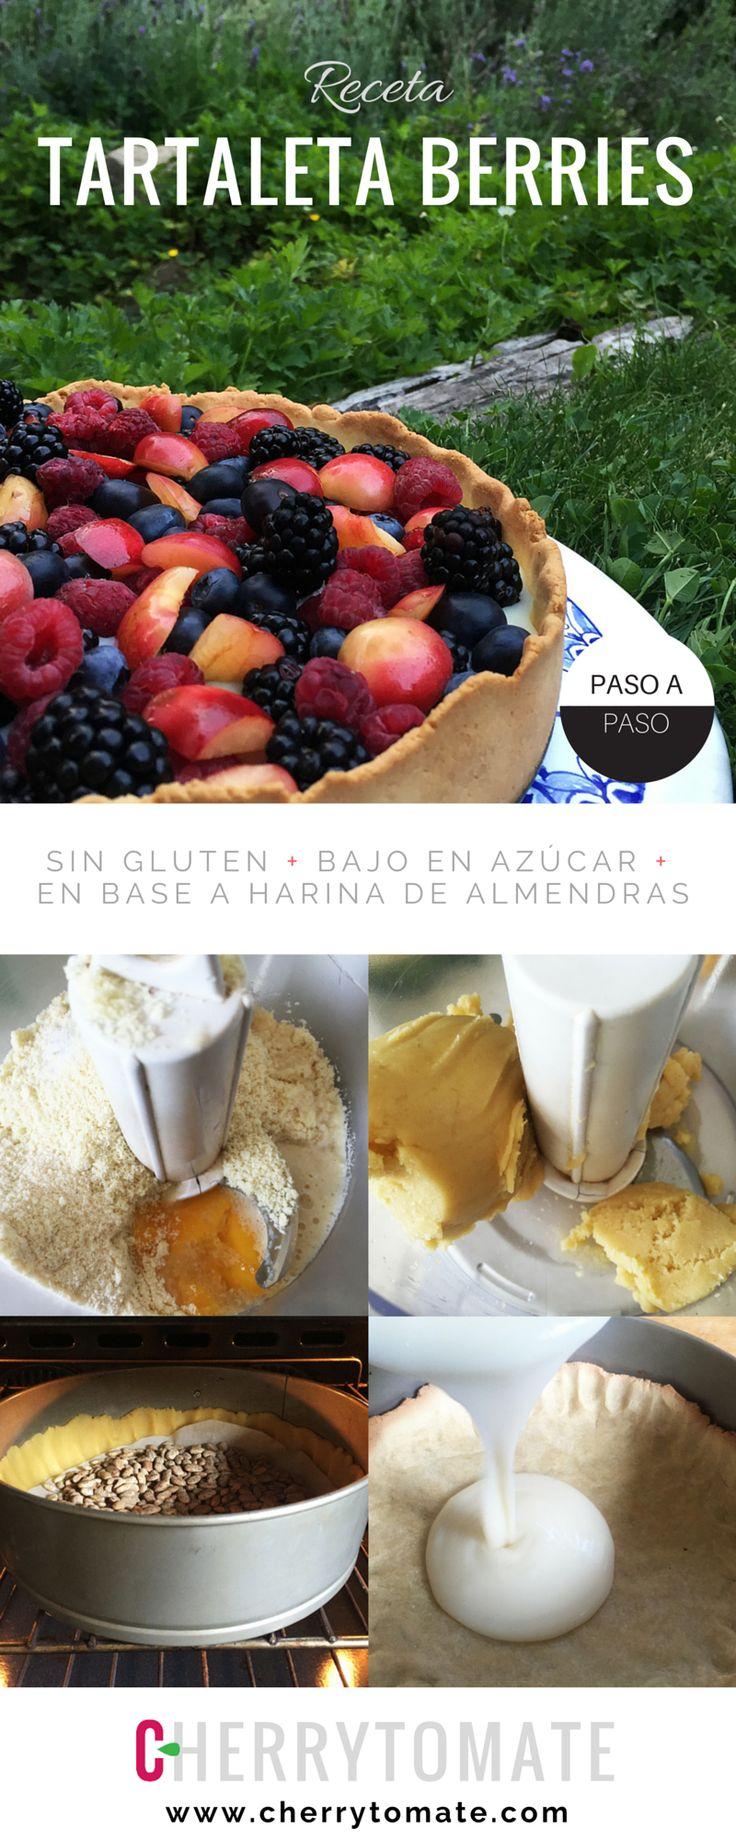 Receta Tartaleta de Berries Sin Gluten - La receta está con fotos de cada uno de los pasos - Es mucho más liviana que una tartaleta normal, hecha con harina de almendras y poca azúcar - Tienen que probarla!